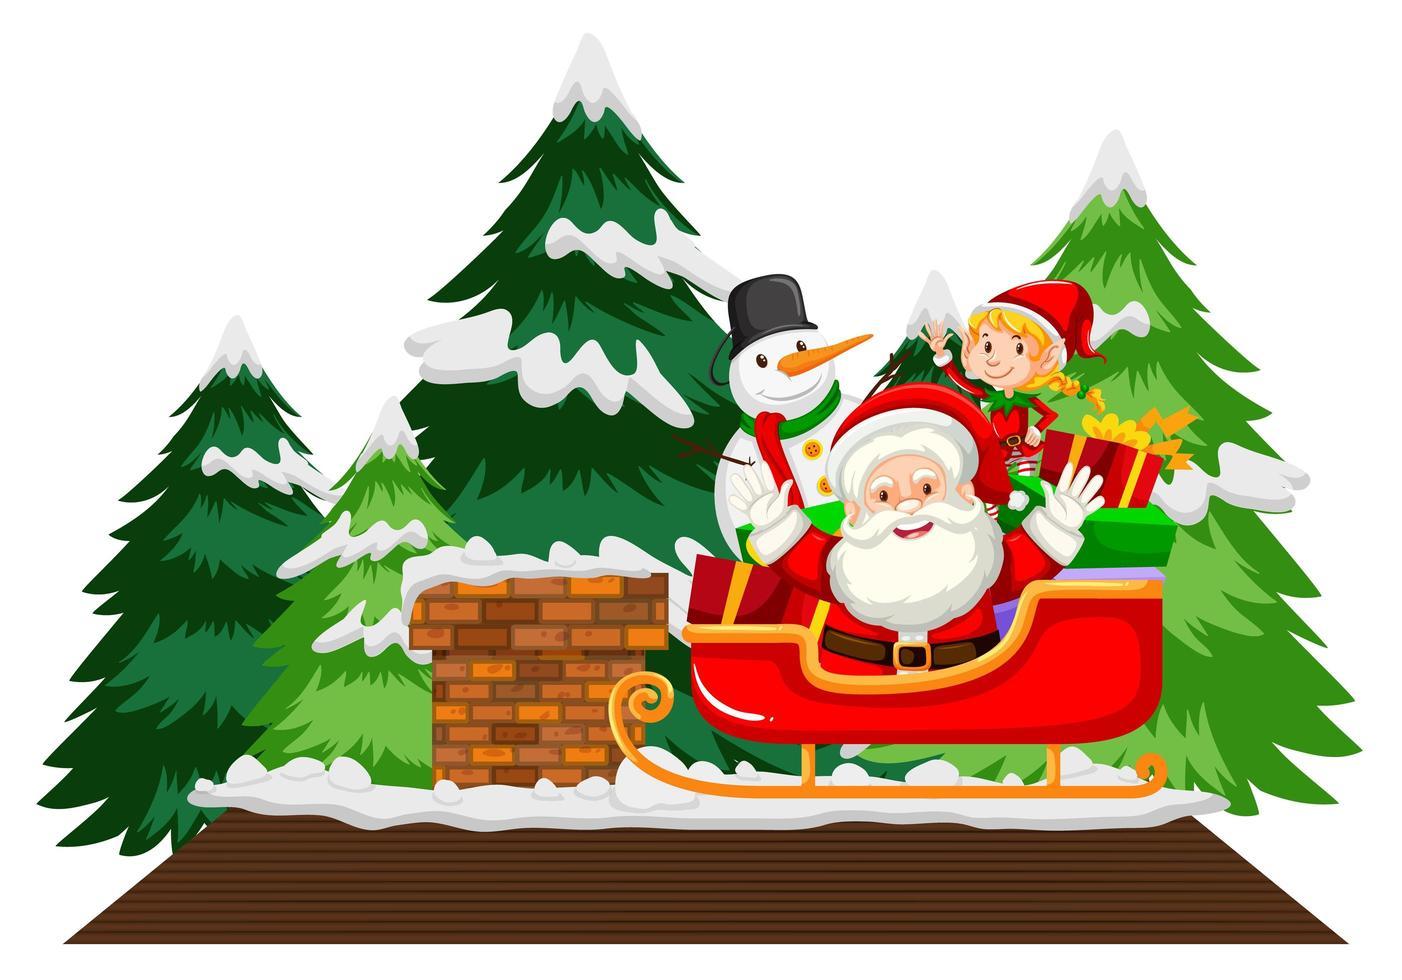 Weihnachtsmann auf Schlitten mit Schneemann und Bäumen vektor